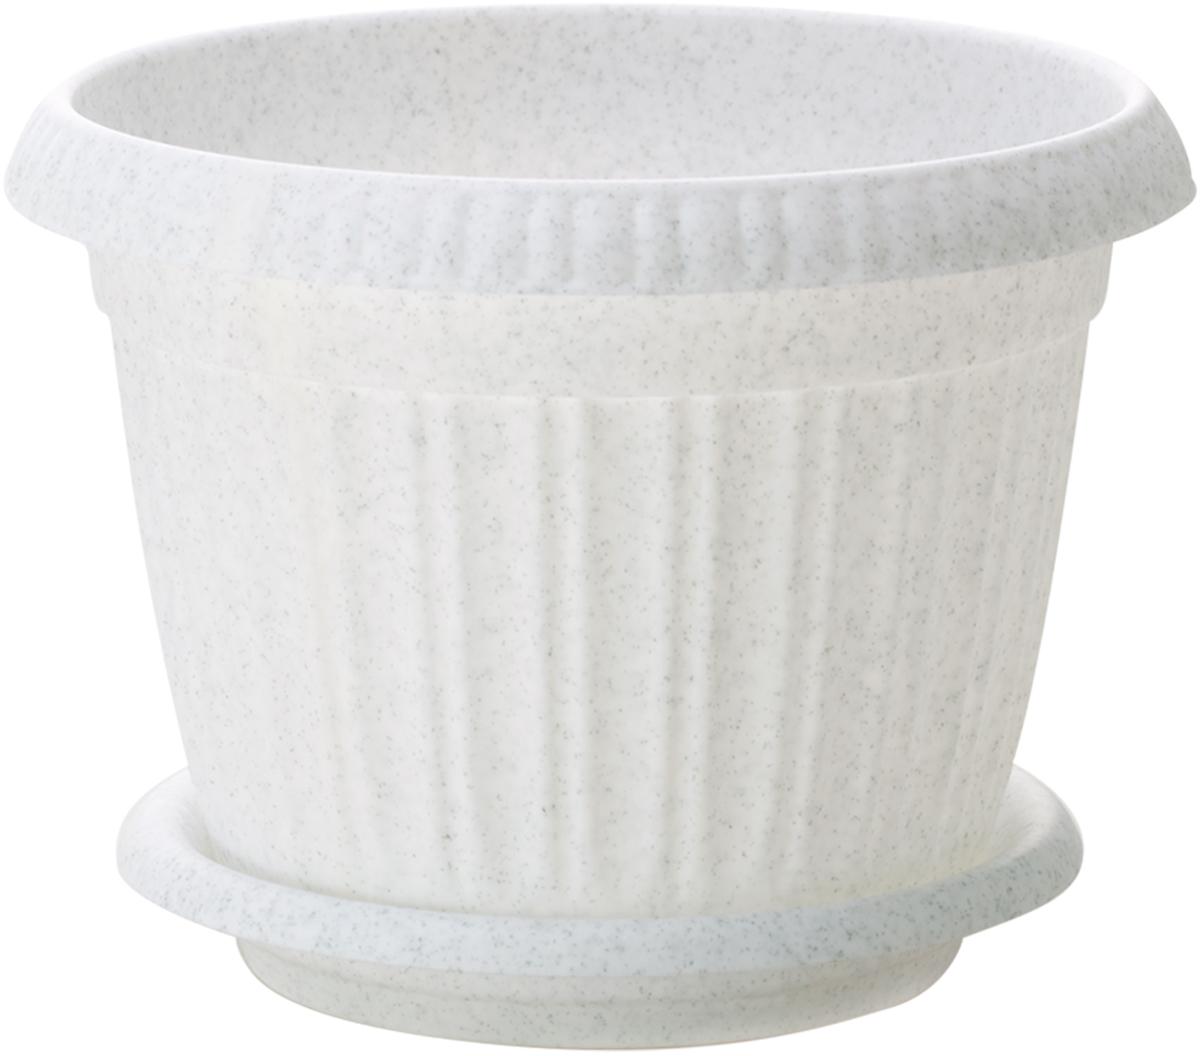 Горшок для цветов InGreen Таити, с подставкой, цвет: мраморный, диаметр 33 смING41033FМРГоршок InGreen Таити выполнен из высококачественного пластика и предназначен для выращивания цветов, растений и трав. Снабжен подставкой для стока воды. Такой горшок порадует вас функциональностью, а благодаря лаконичному дизайну впишется в любой интерьер помещения.